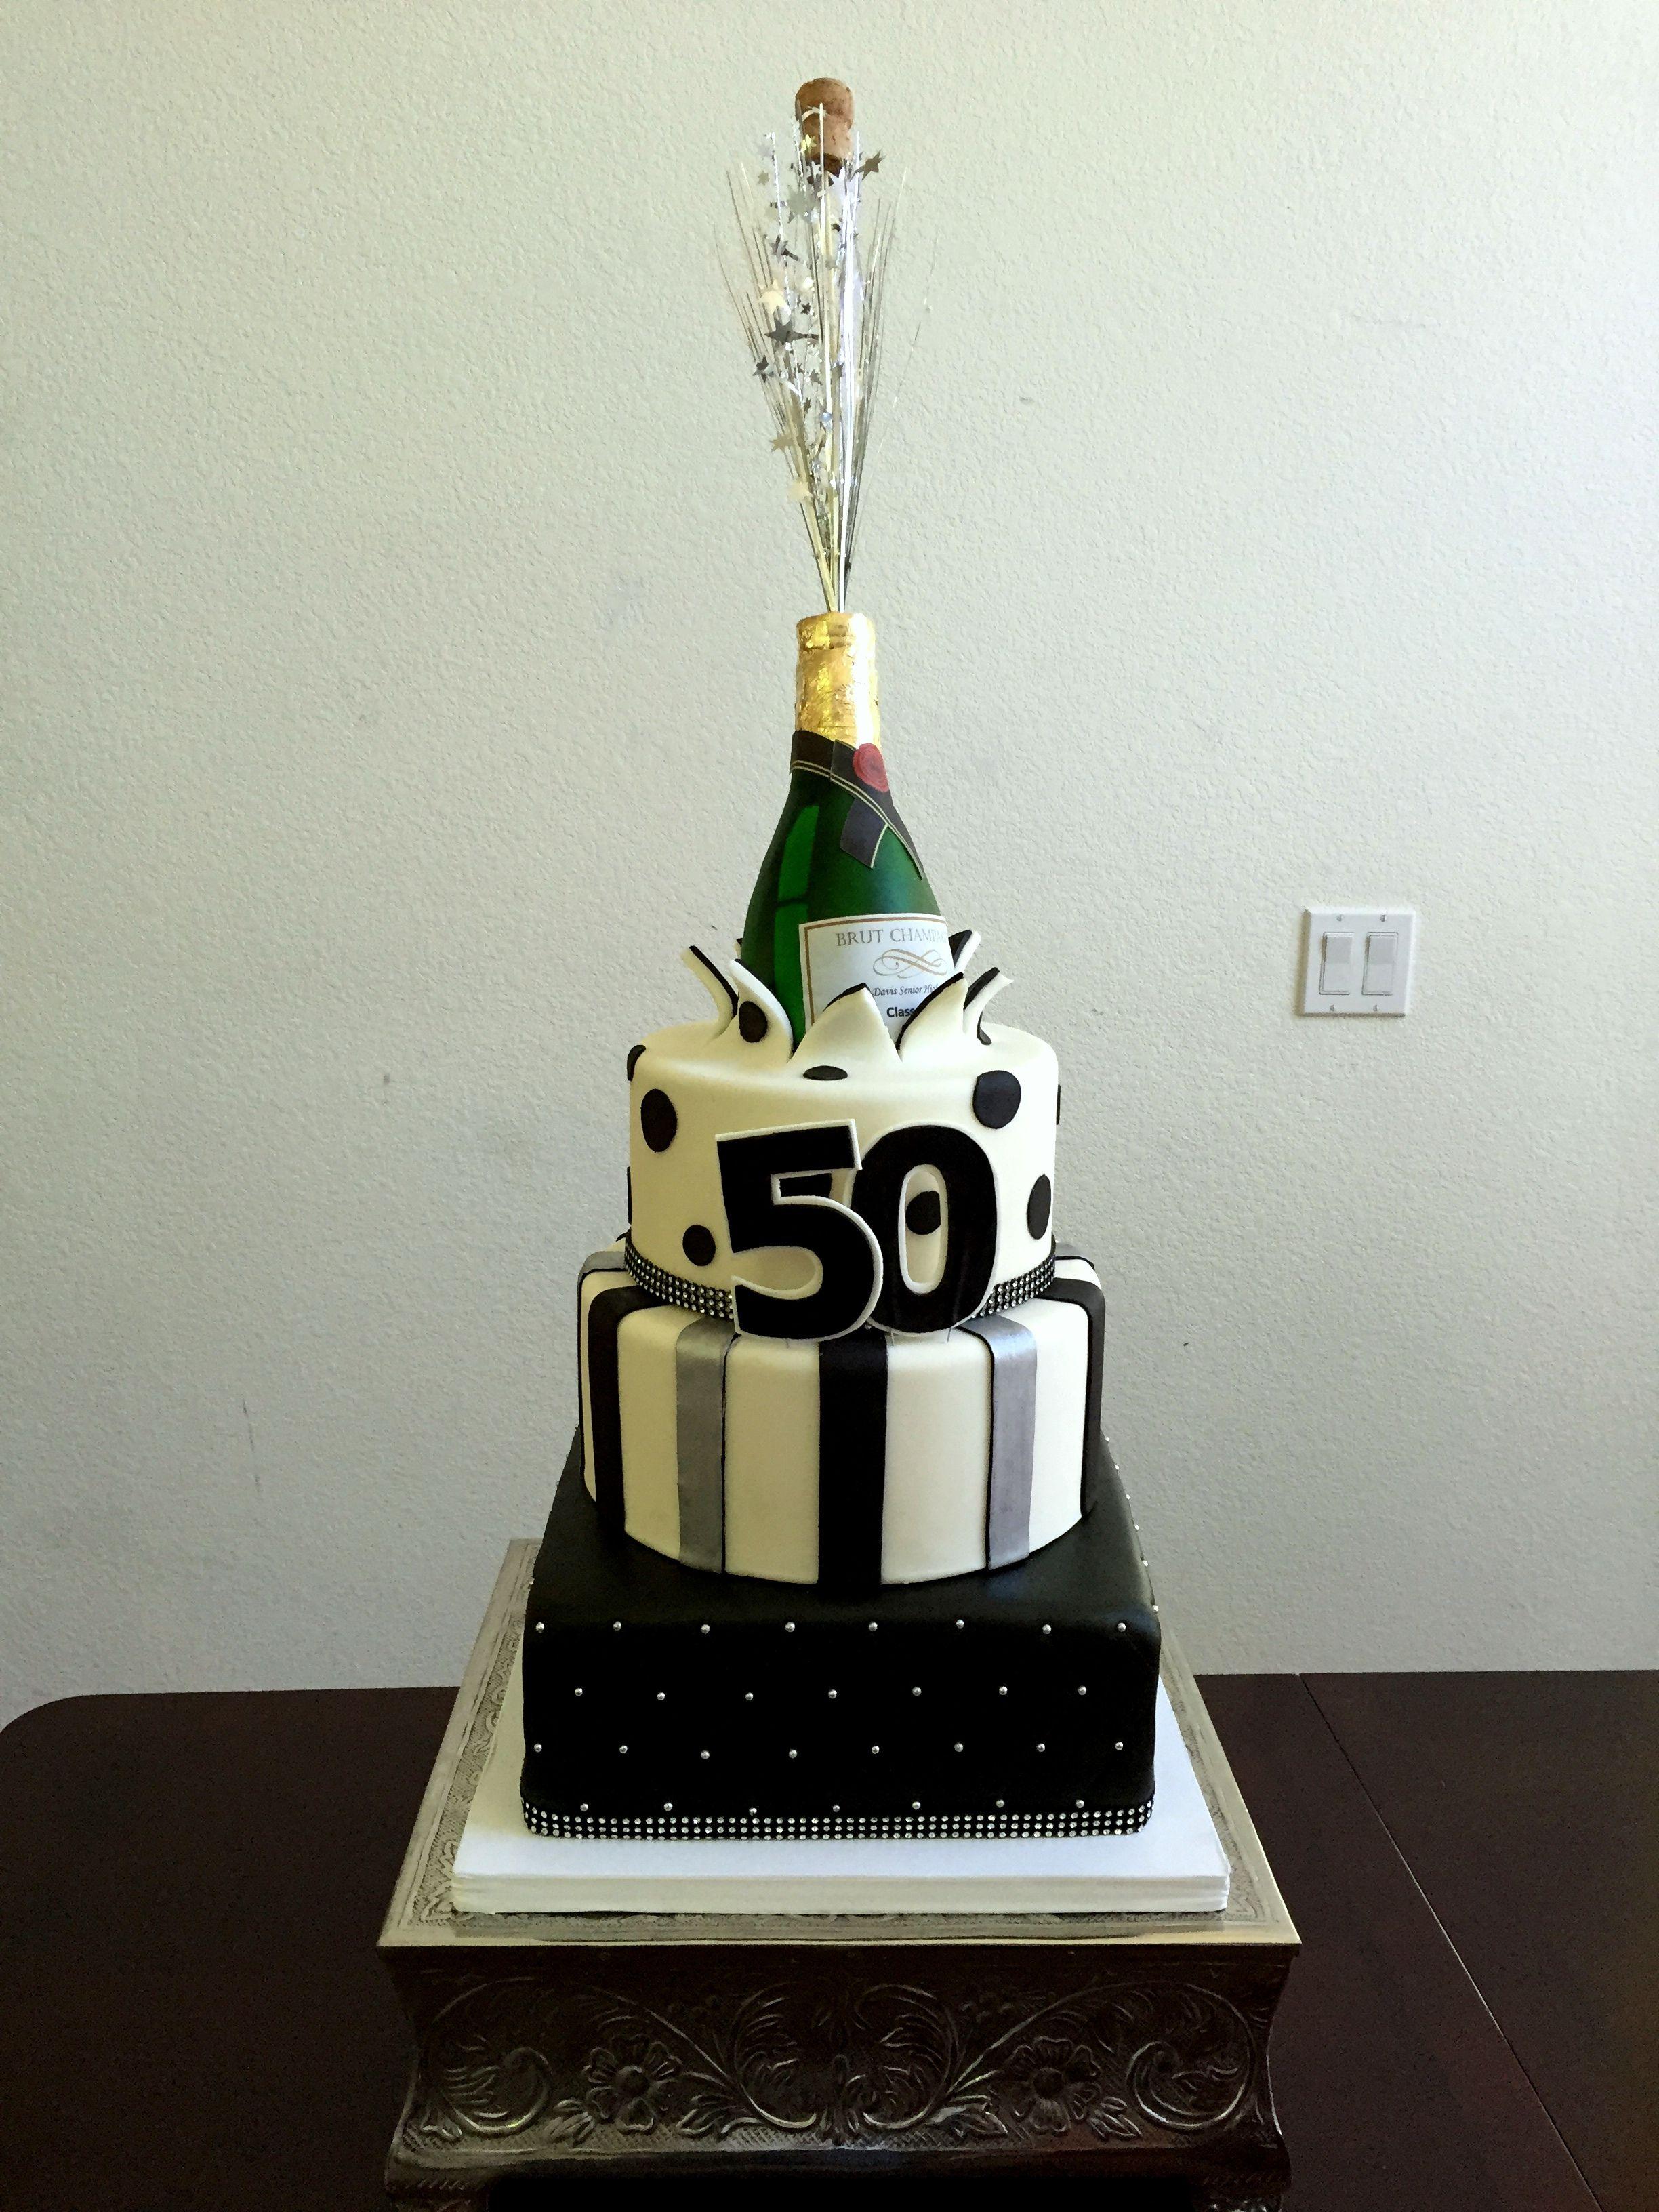 Exploding Champagne Bottle Cake Custom Cakes Cake